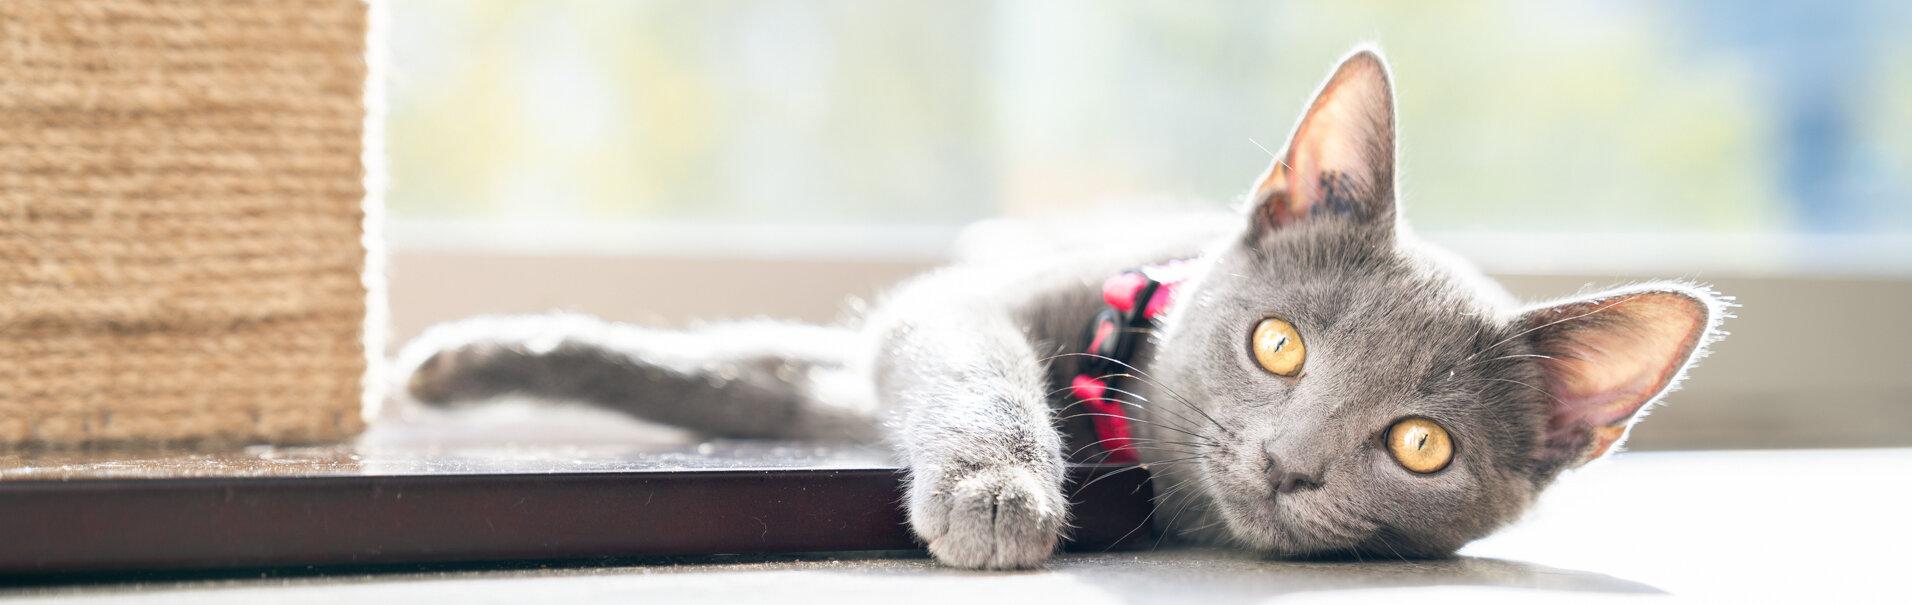 banner cat catfe.jpg